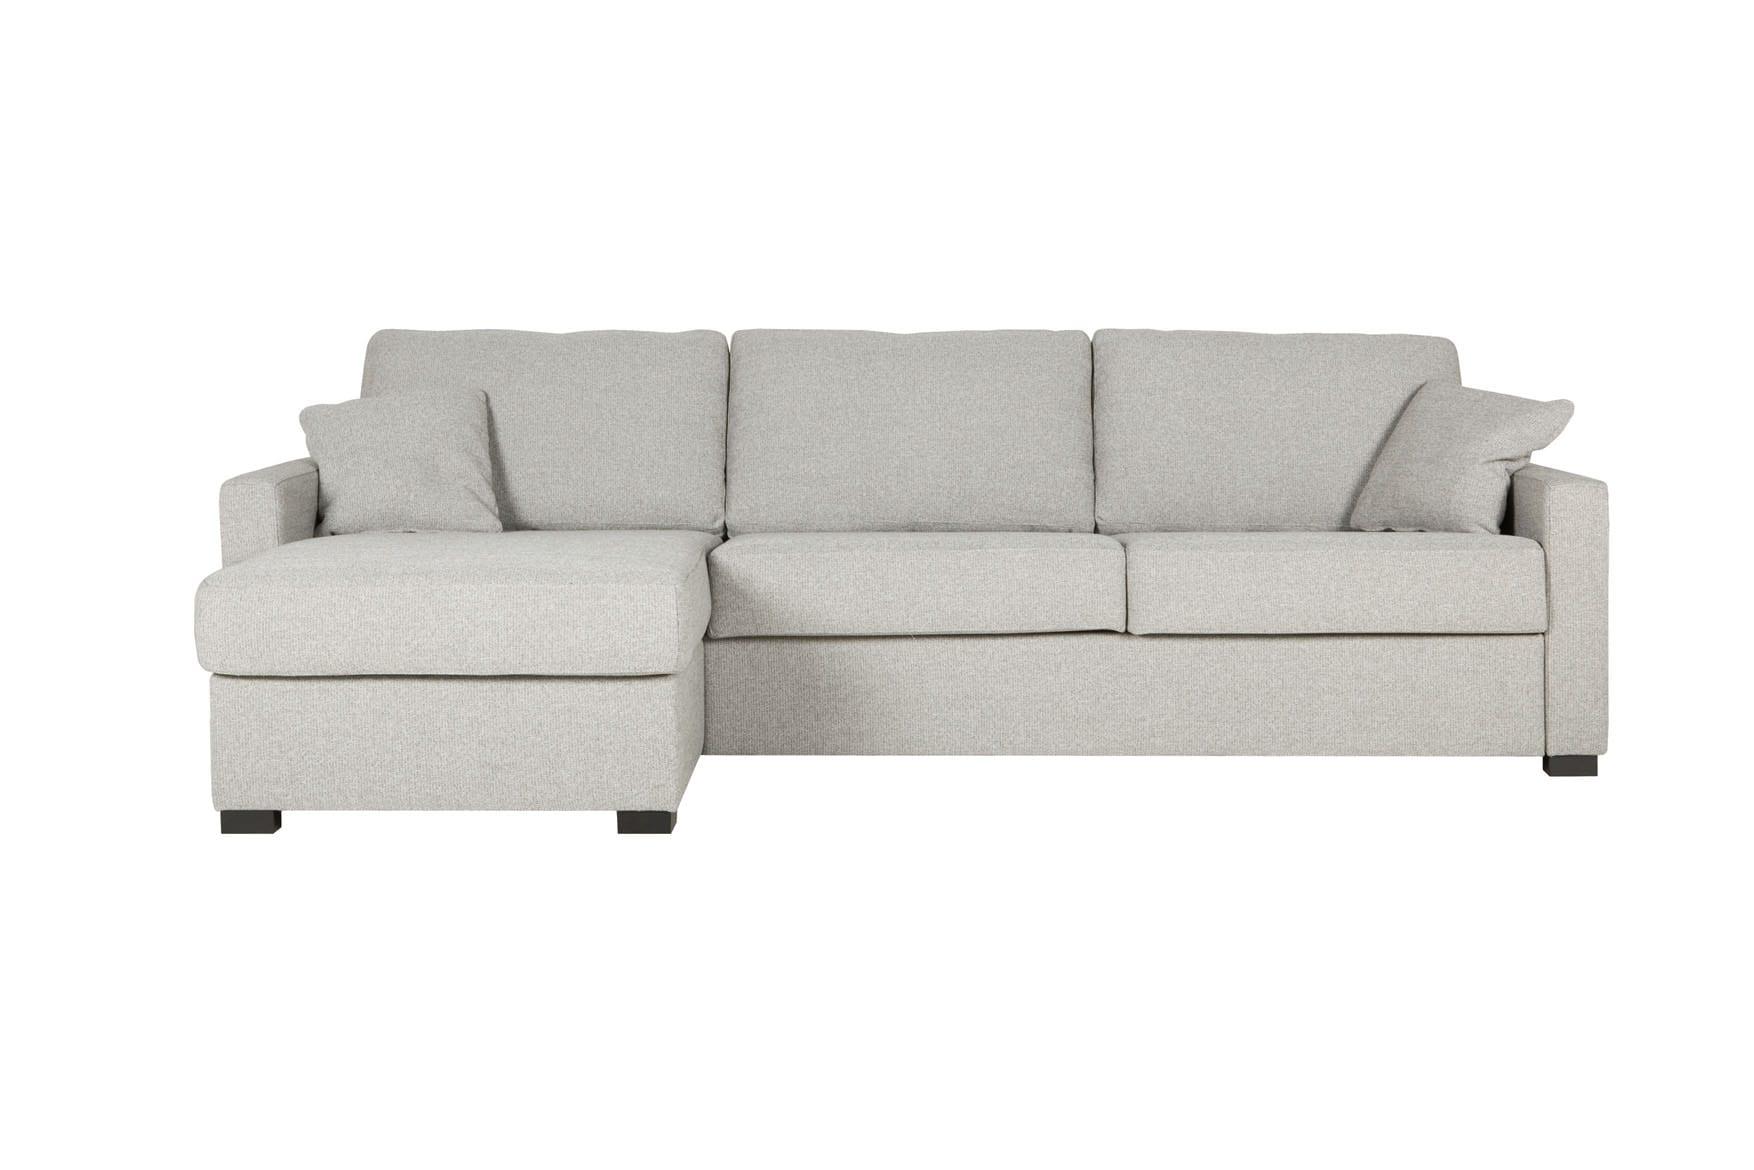 Euforma Sofa Lukas